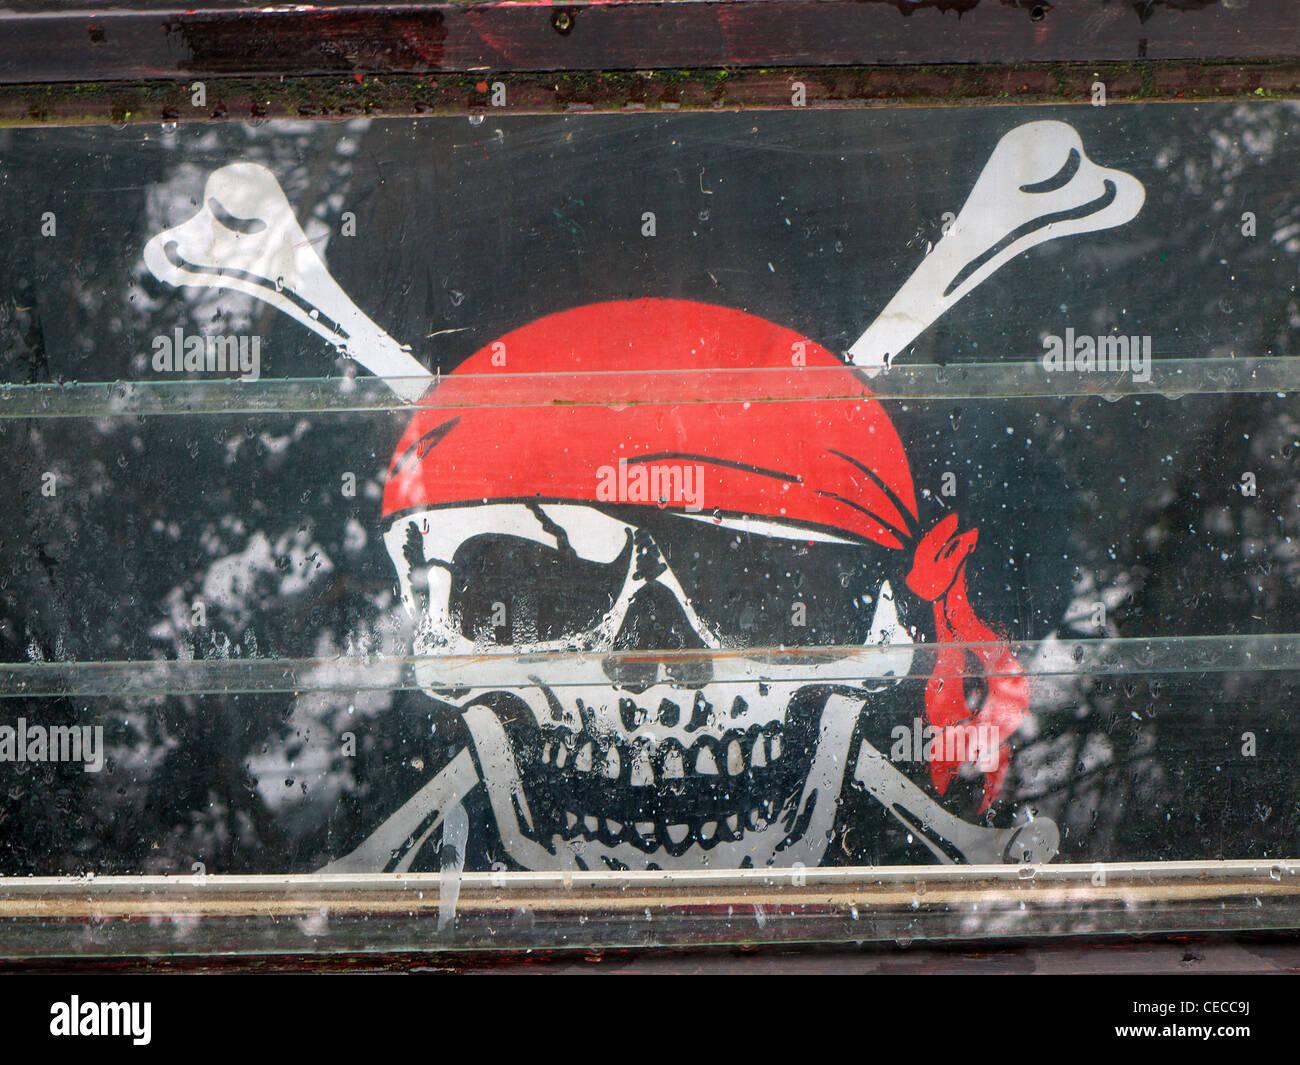 Un Jolly Roger cranio e pirati crossbones bandiera nella finestra di una chiatta sul canale. Immagini Stock